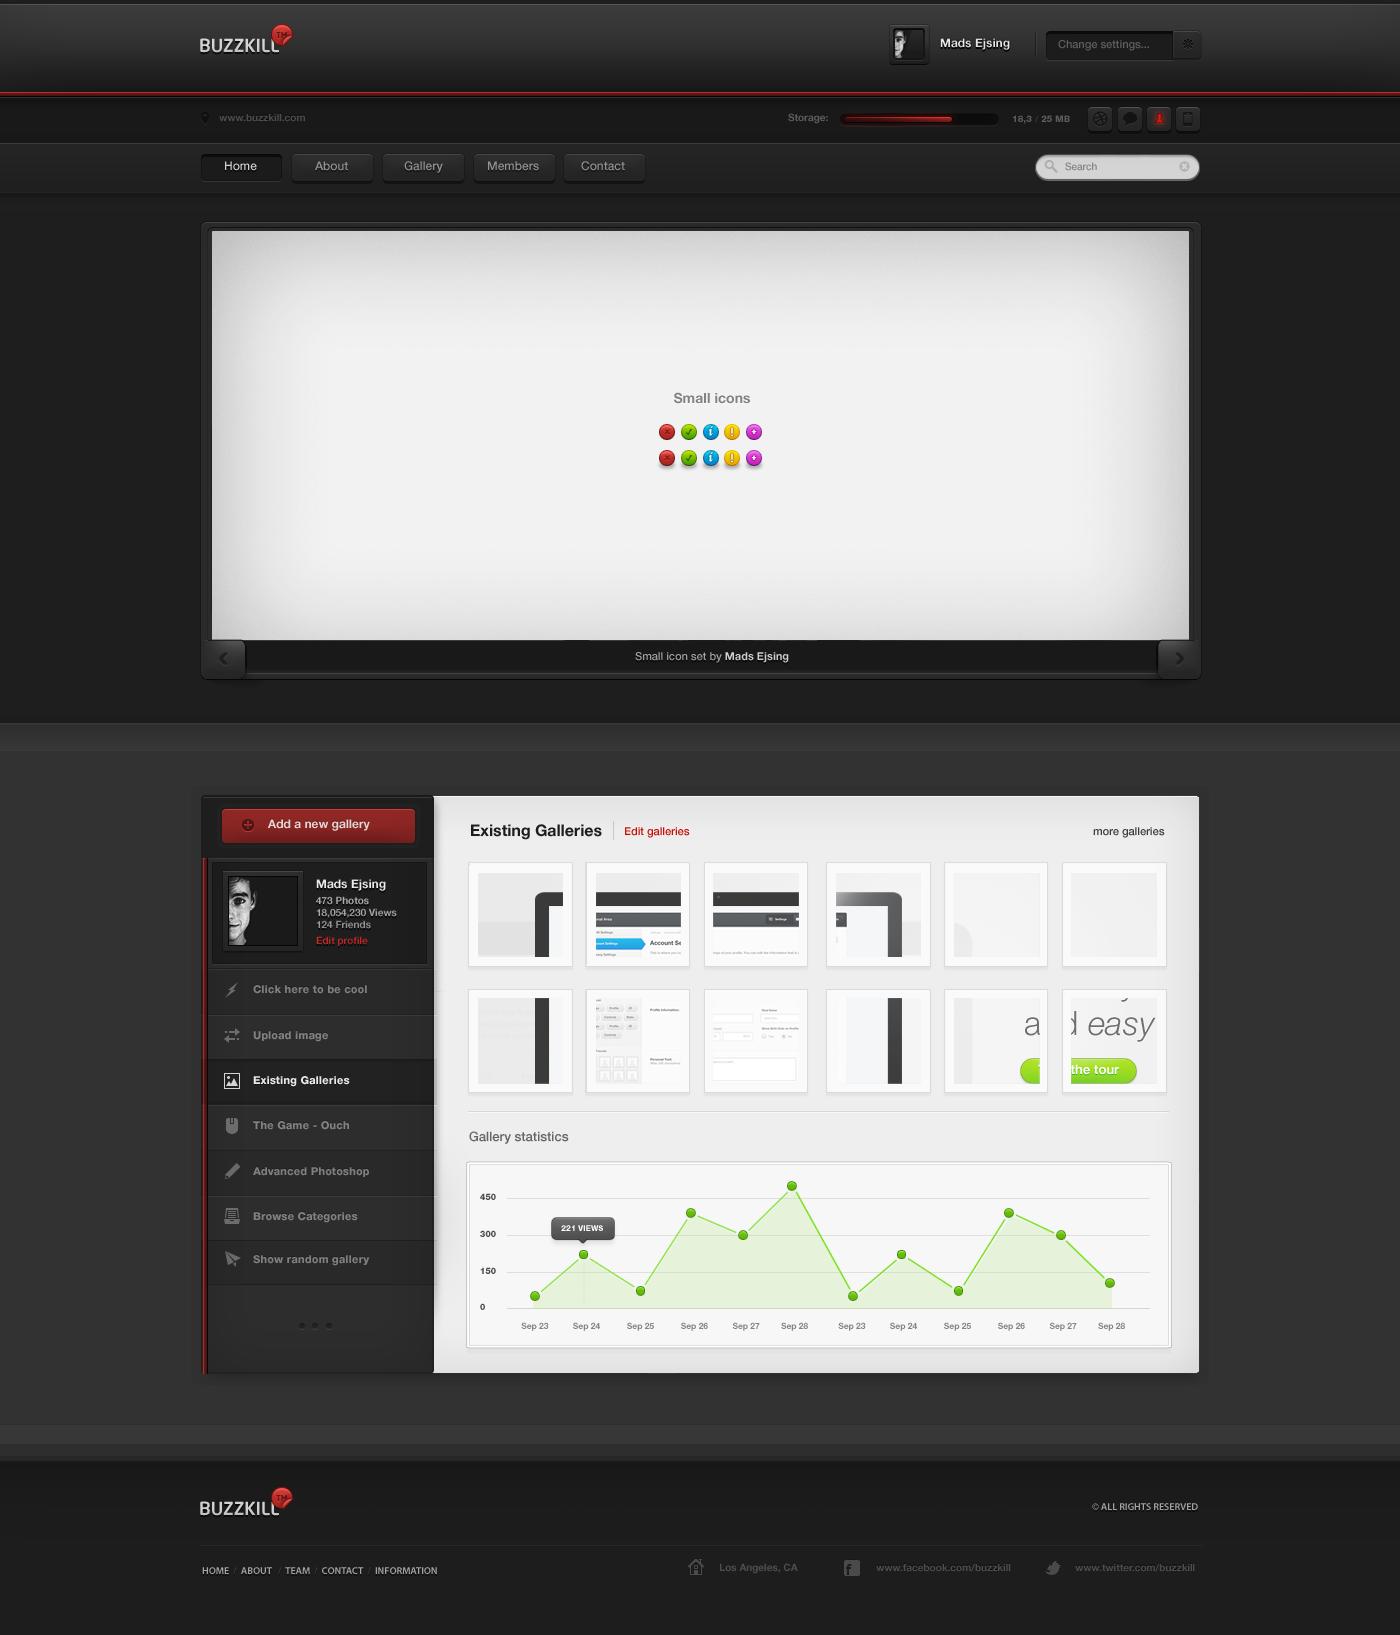 Buzzkill - Website Design by ejsing